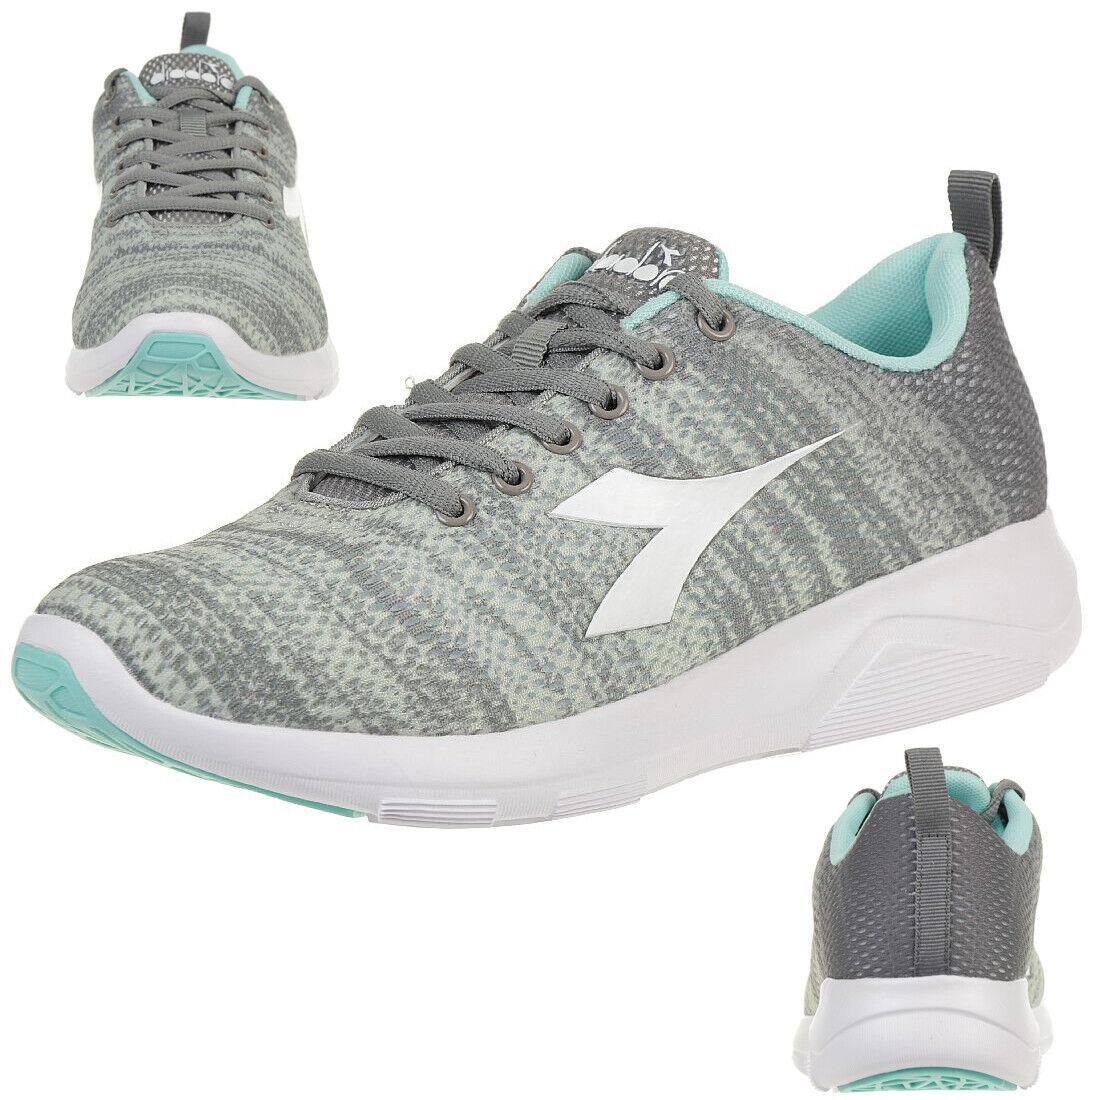 Diadora X Correr Claro 3W Mujer Zapatos Running Zapatilla Deportiva gris